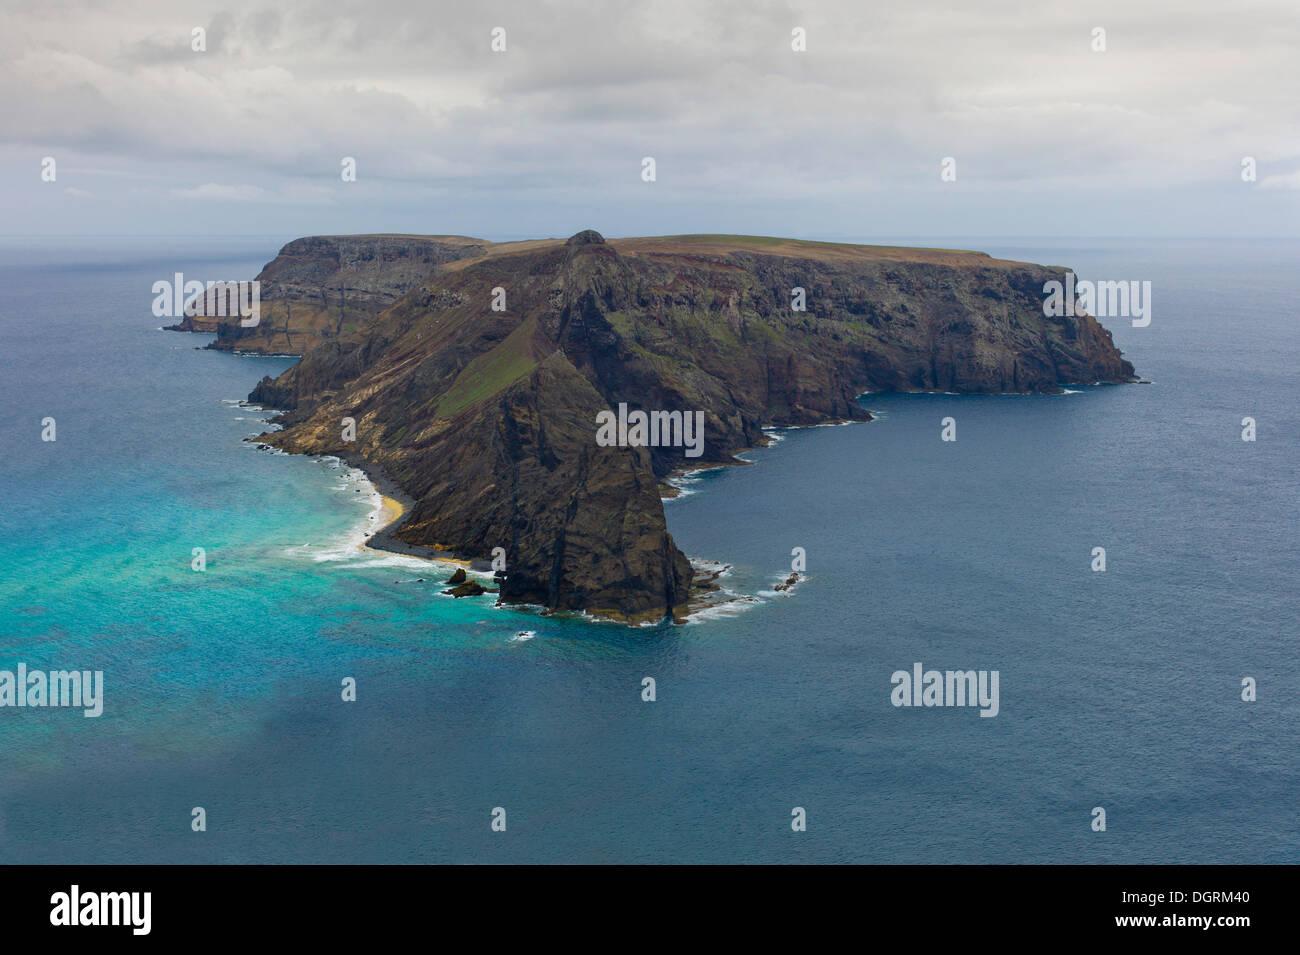 Ilhéu da Cal, or Ilhéu de Baixo, uninhabited island off Porto Santo, Madeira, Portugal, Europe - Stock Image